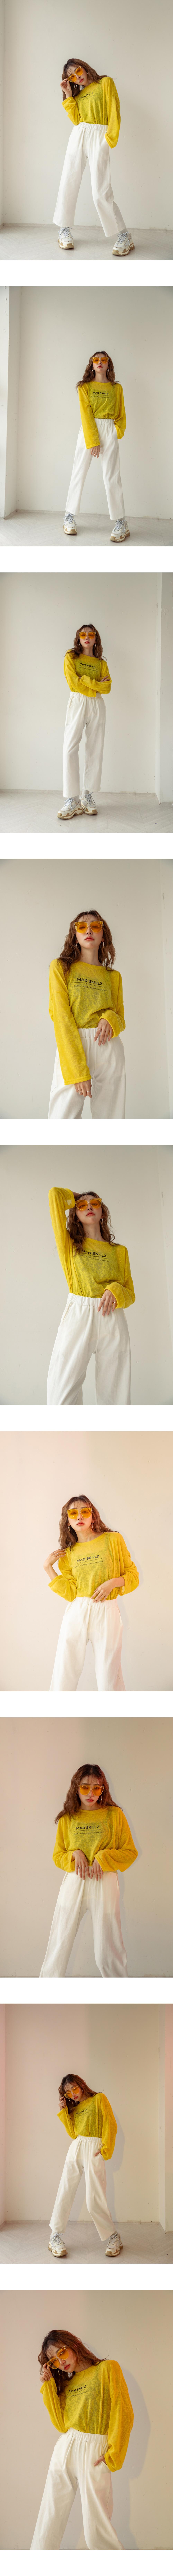 Jane Vivid Long Sleeve Polo Shirt